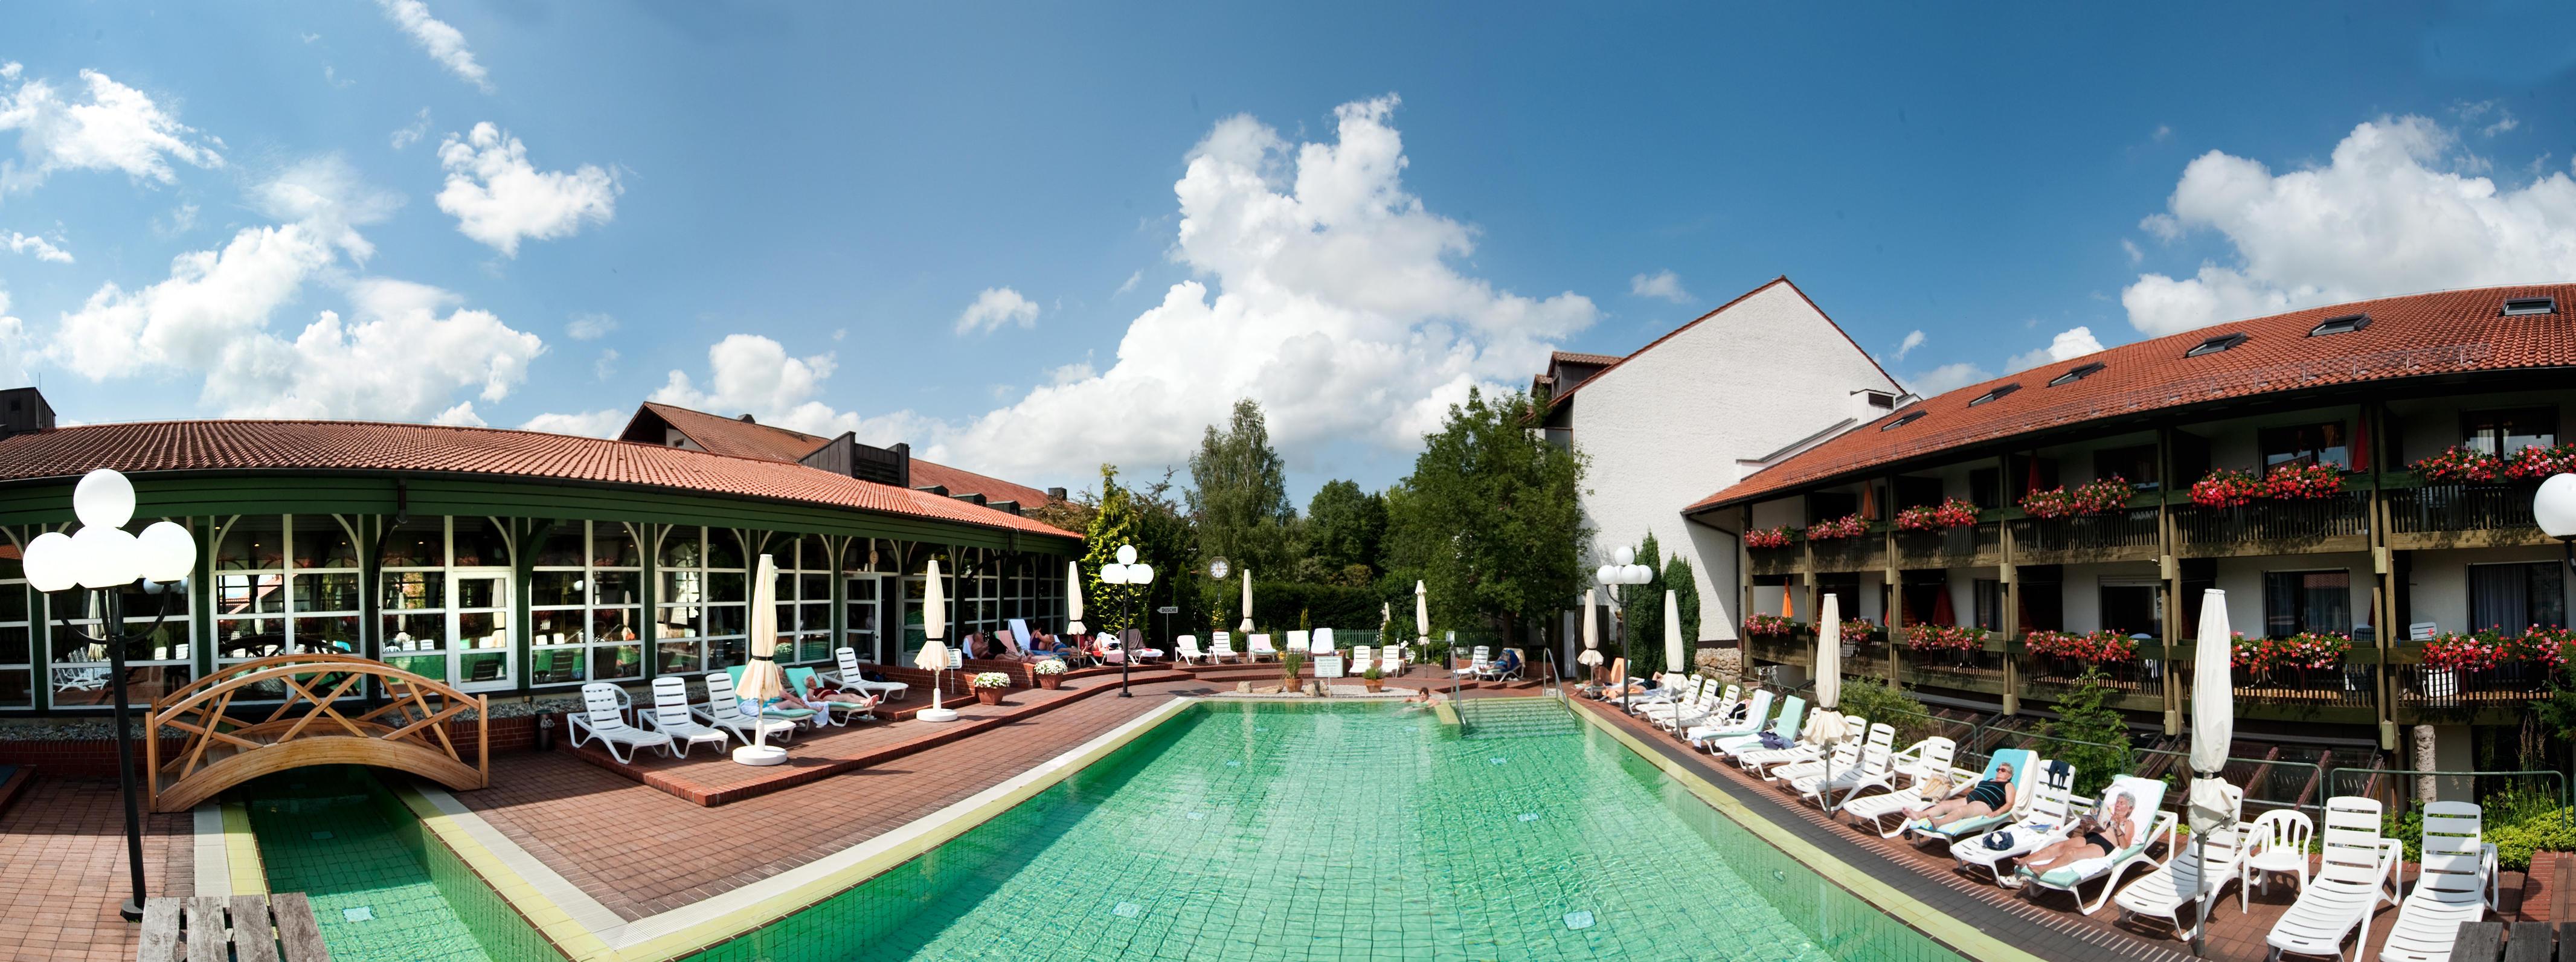 Hotel Garni Glockenspiel Bad Griesbach Im Rottal